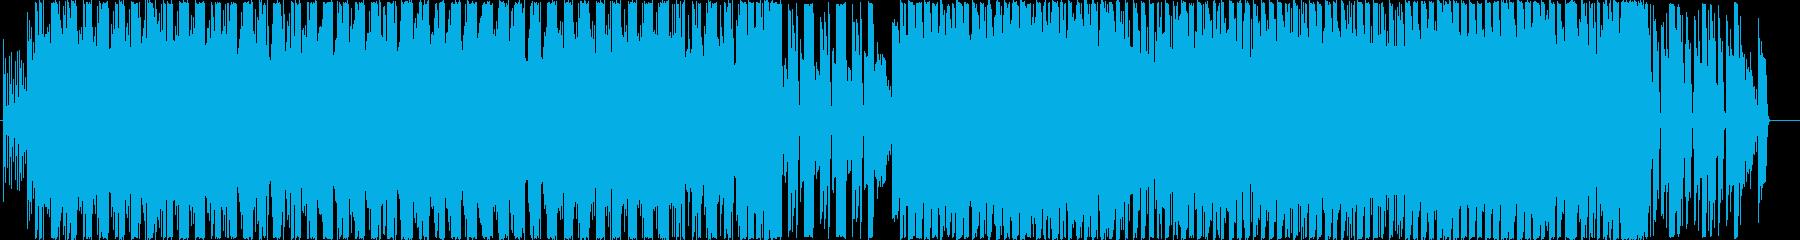 ロックマンエグゼのような戦闘が始まる曲の再生済みの波形